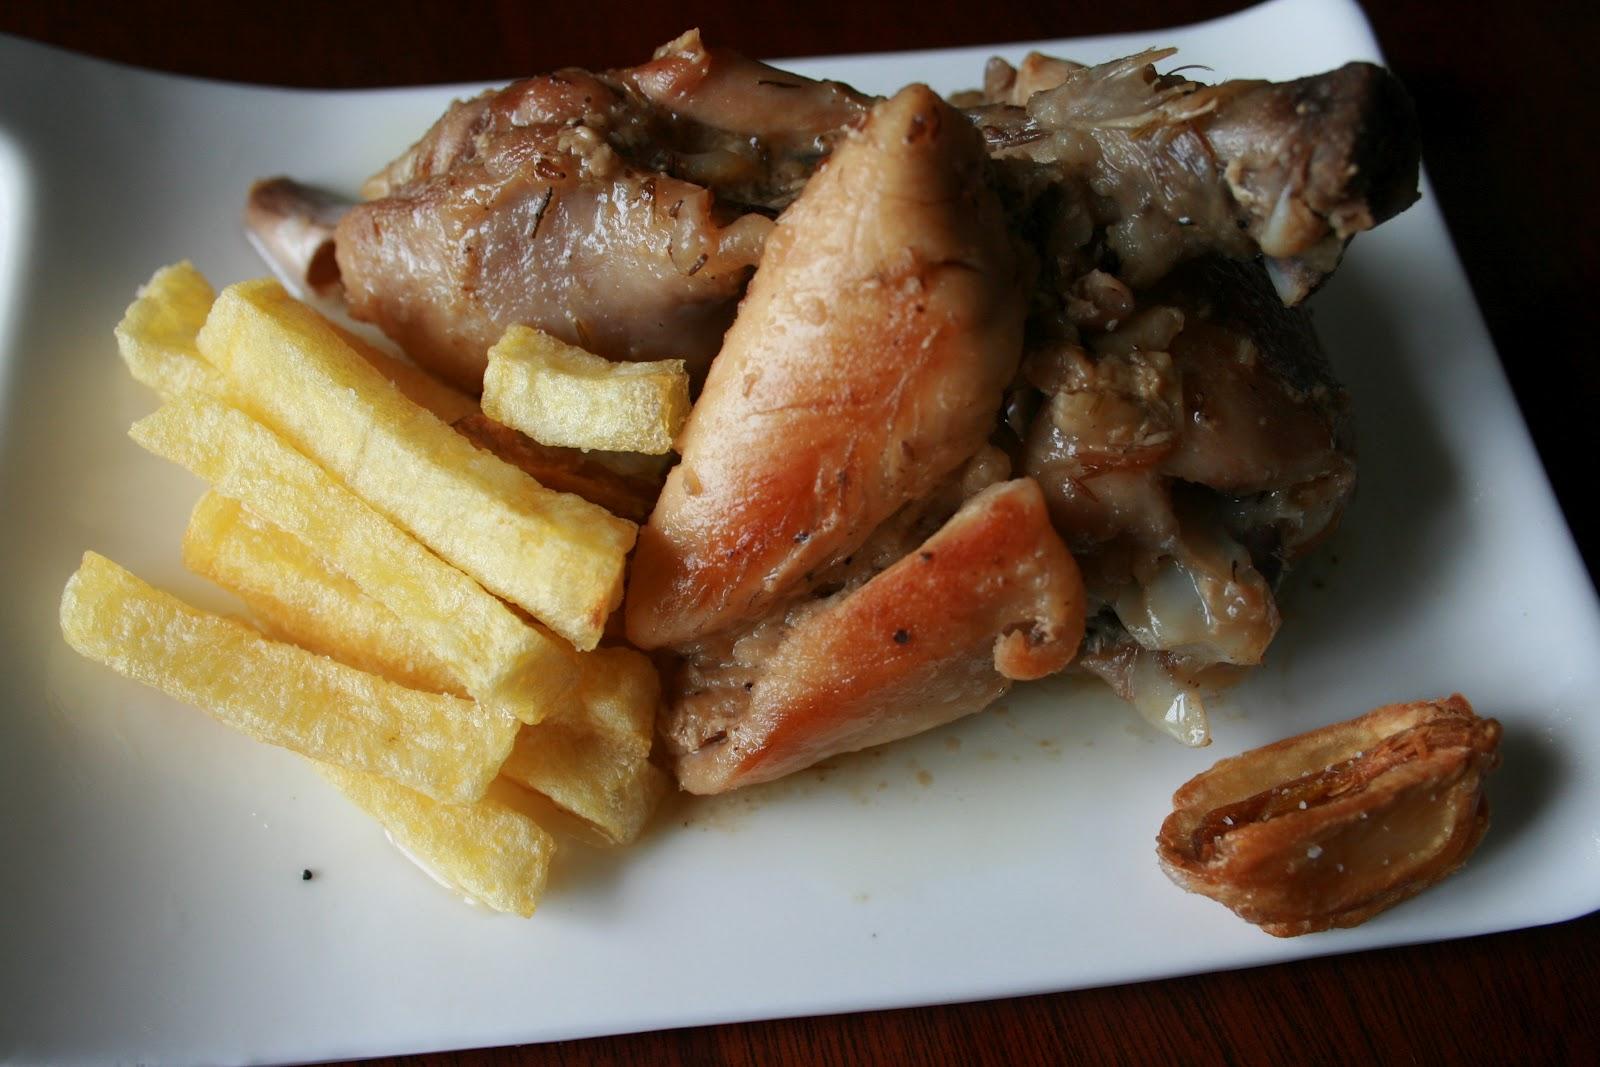 Aprendiendo a cocinar pollo al ajillo - Cocinar pollo al ajillo ...